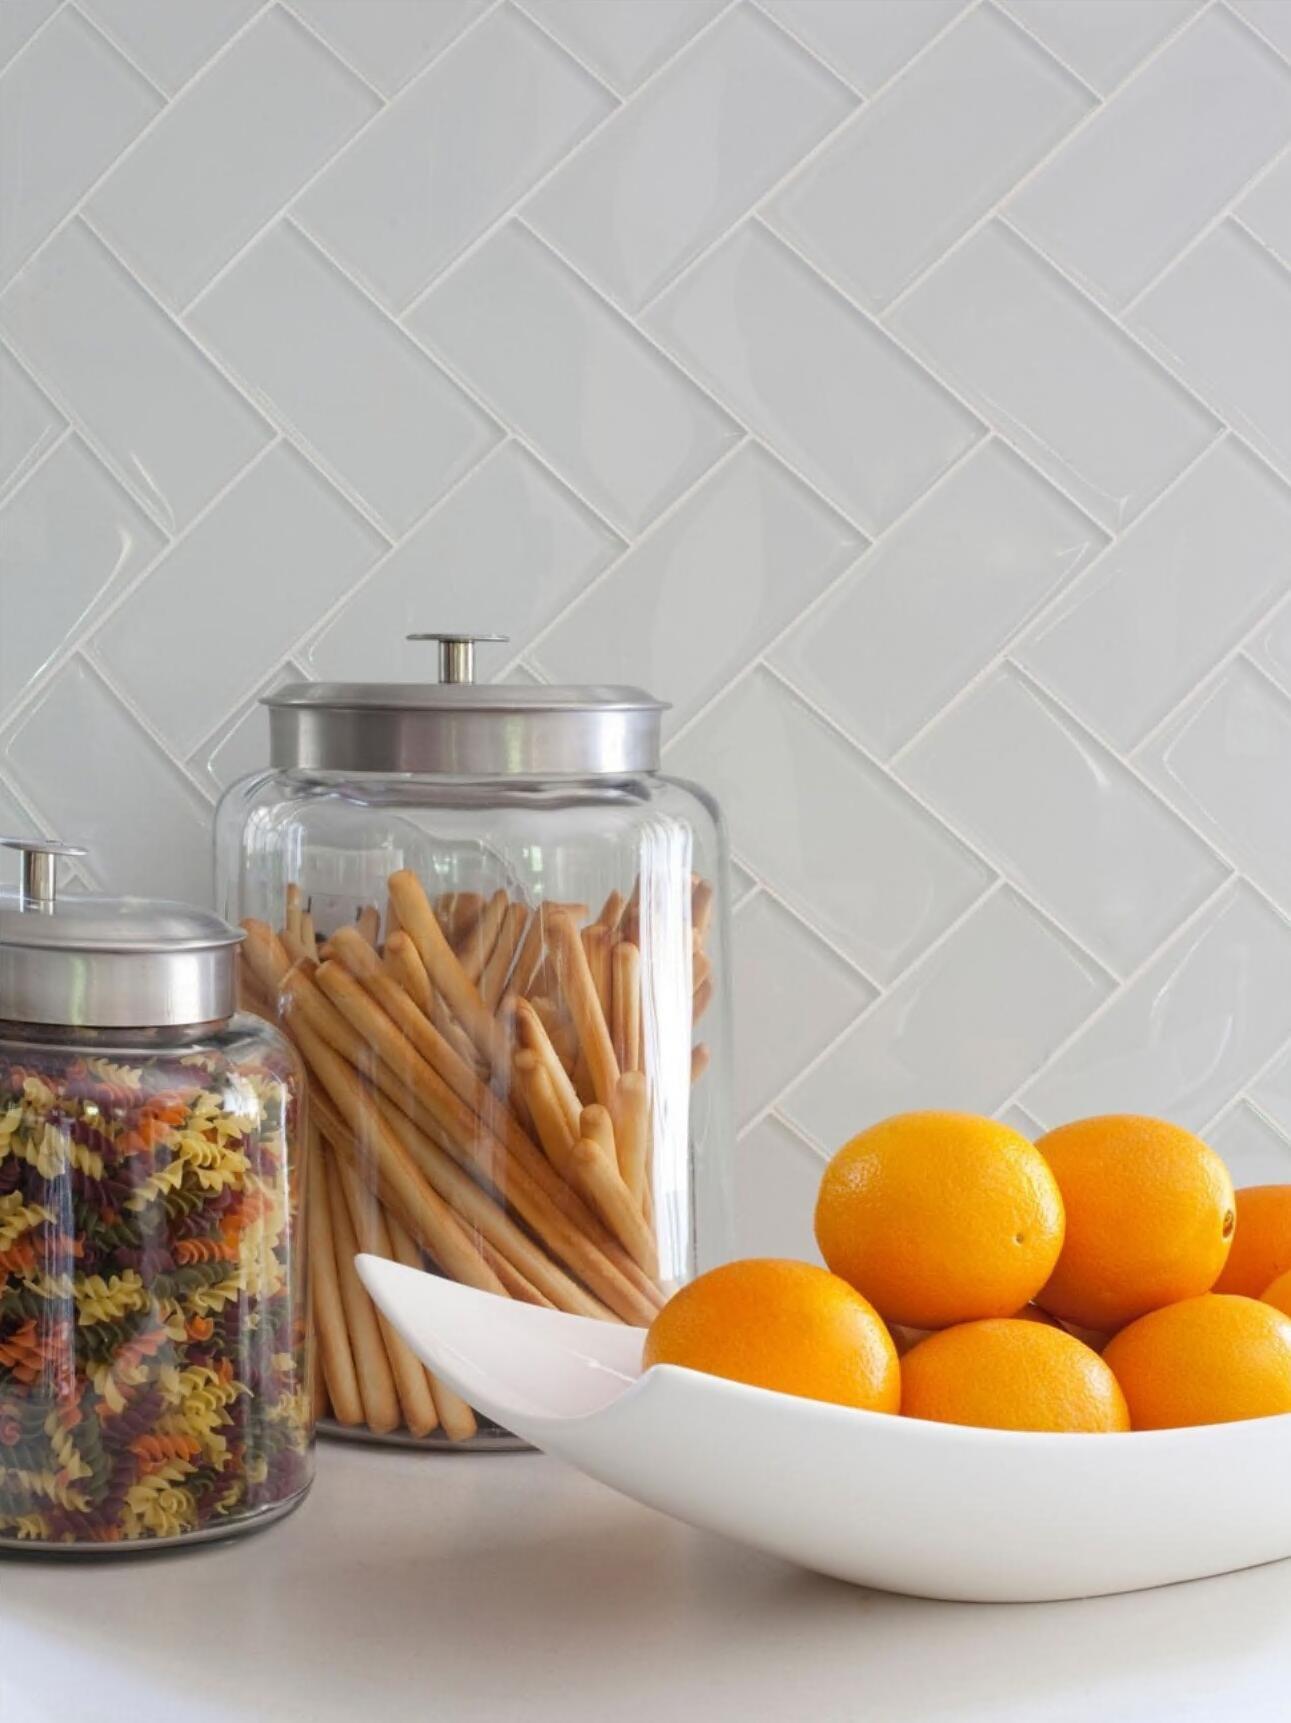 Art3d 32 Piece Peel And Stick Backsplash Glass Tile For